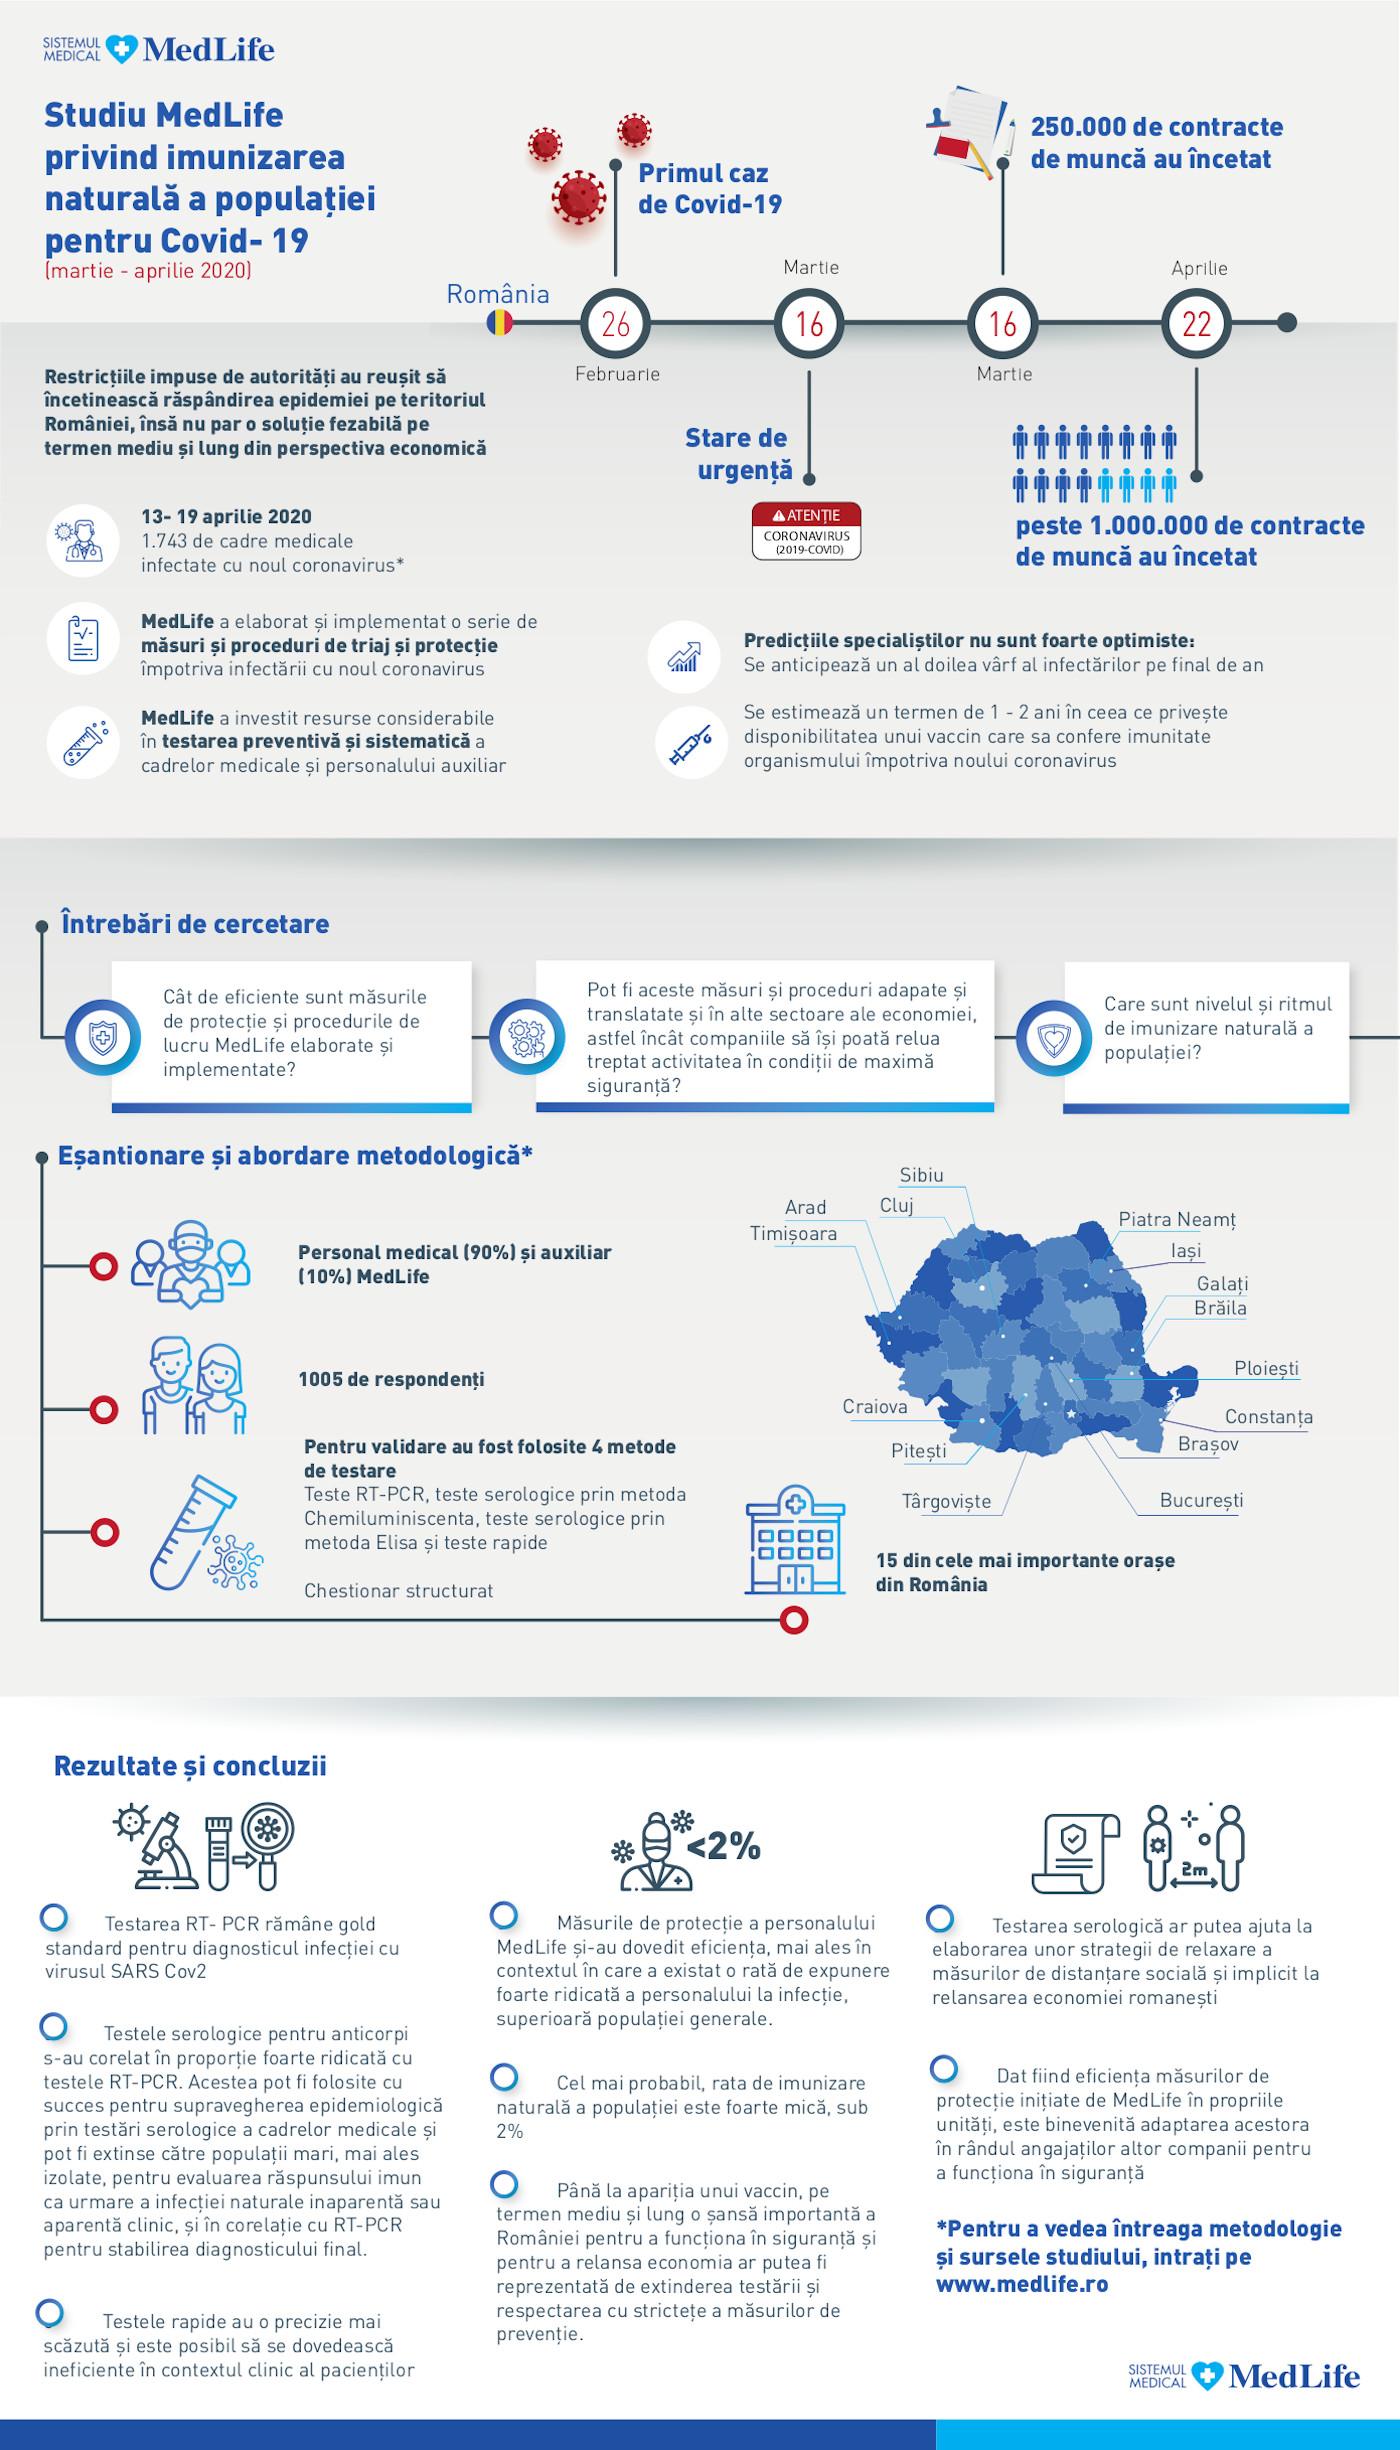 Infografic_Studiu MedLife privind imunizarea naturala a populatiei